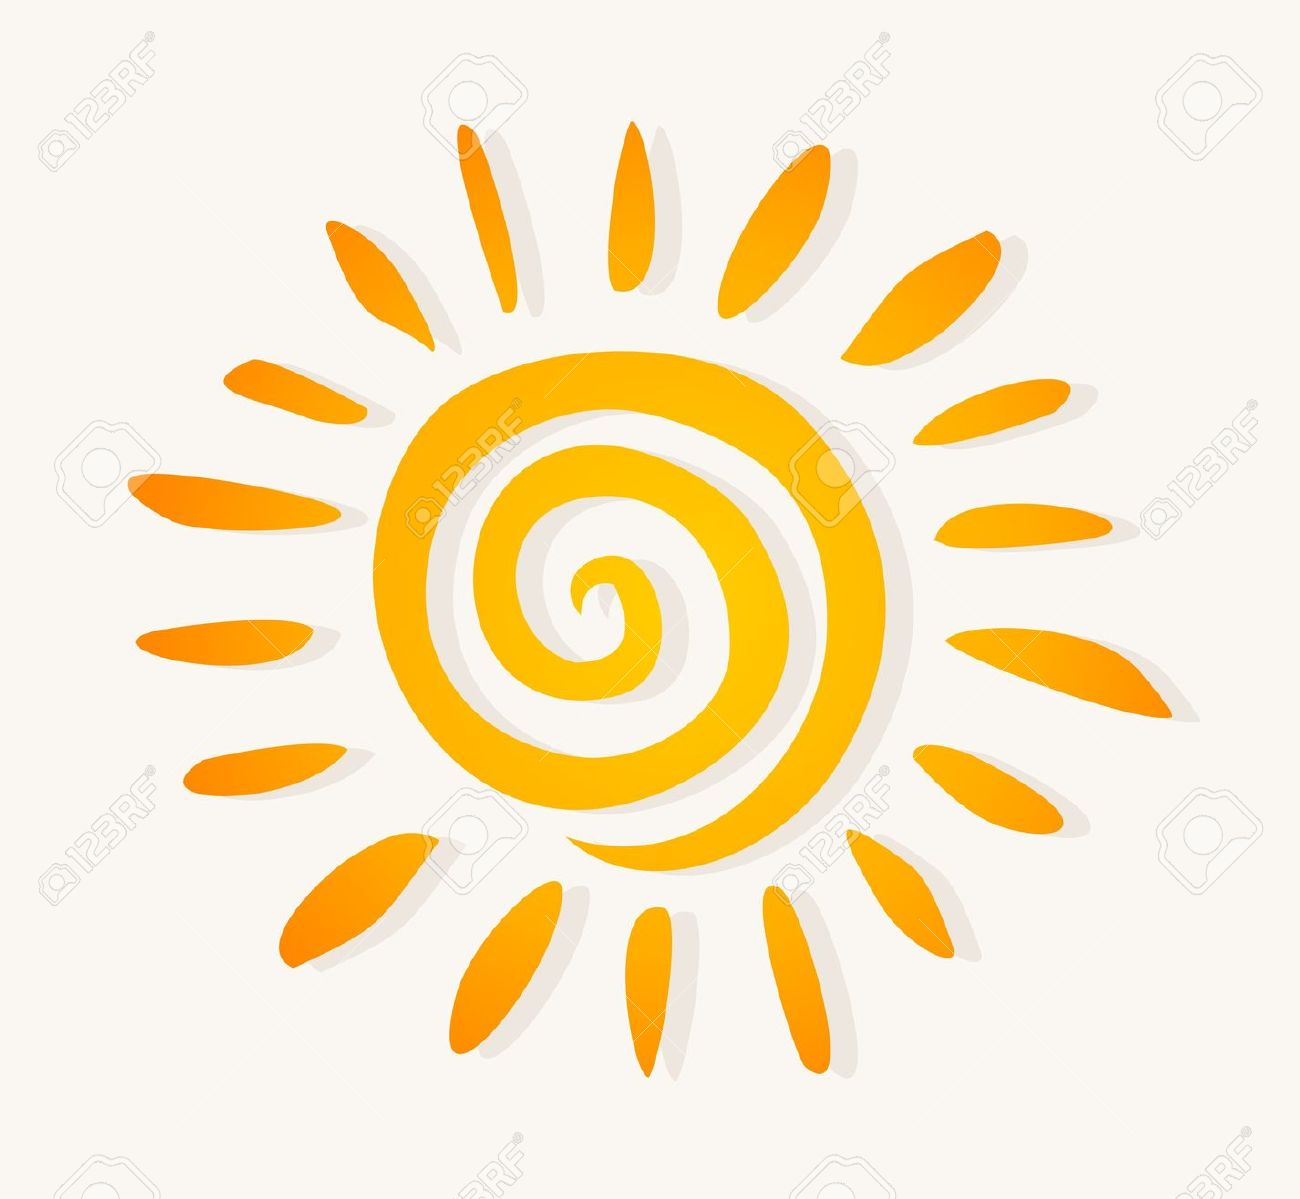 Le soleil clipart jpg royalty free stock Le Soleil Dessiné Sur Un Fond Blanc. Une Illustration Vectorielle ... jpg royalty free stock